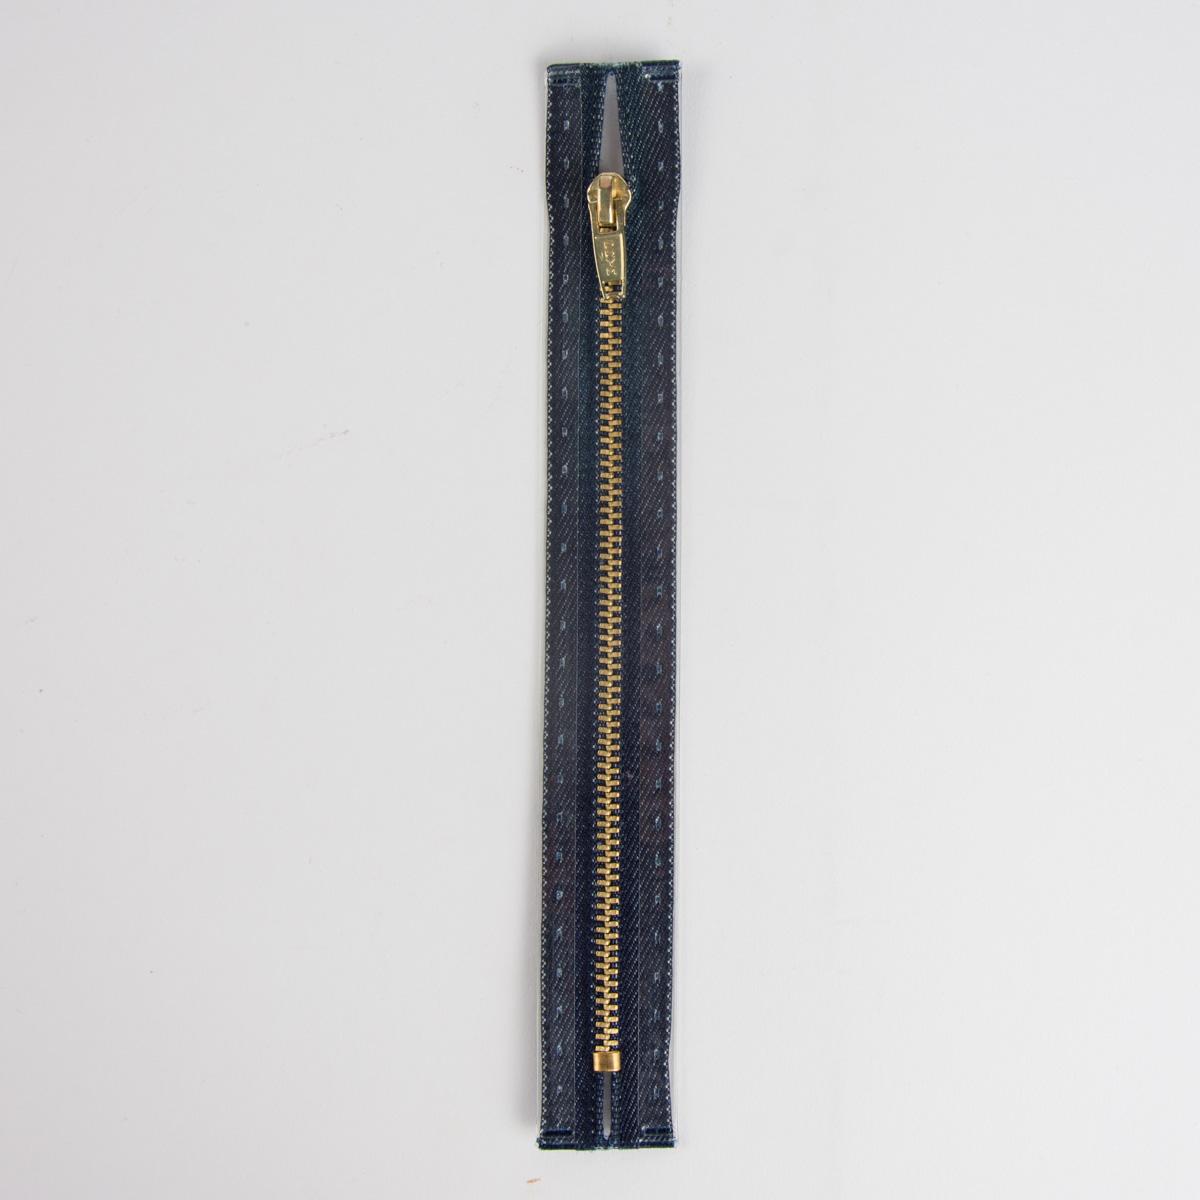 Reißverschluss M8 Typ 5 SSP 14cm go-fb Fla d-jeans